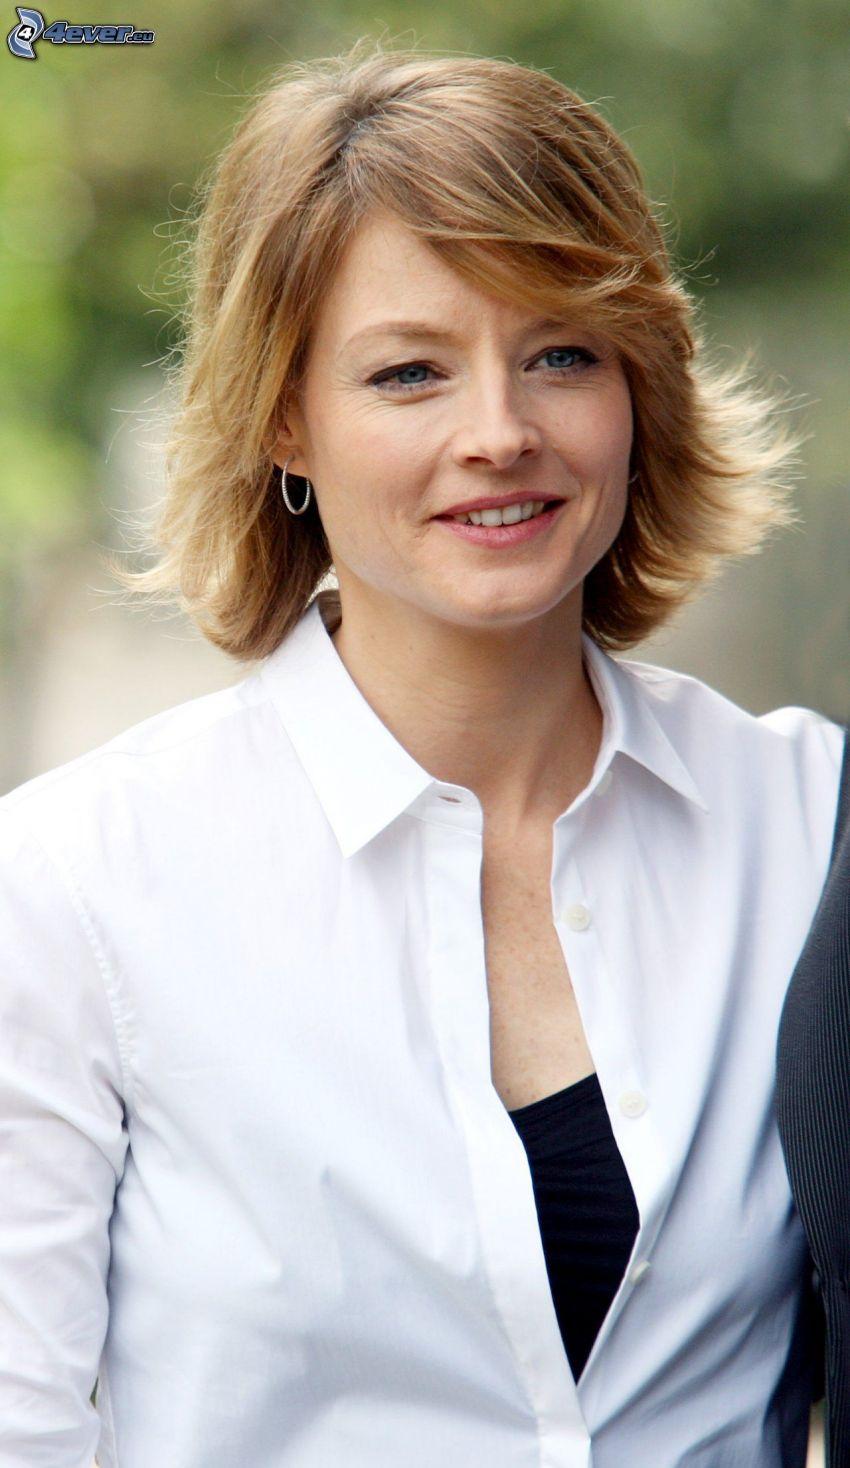 Jodie Foster, weißes Hemd, Lächeln